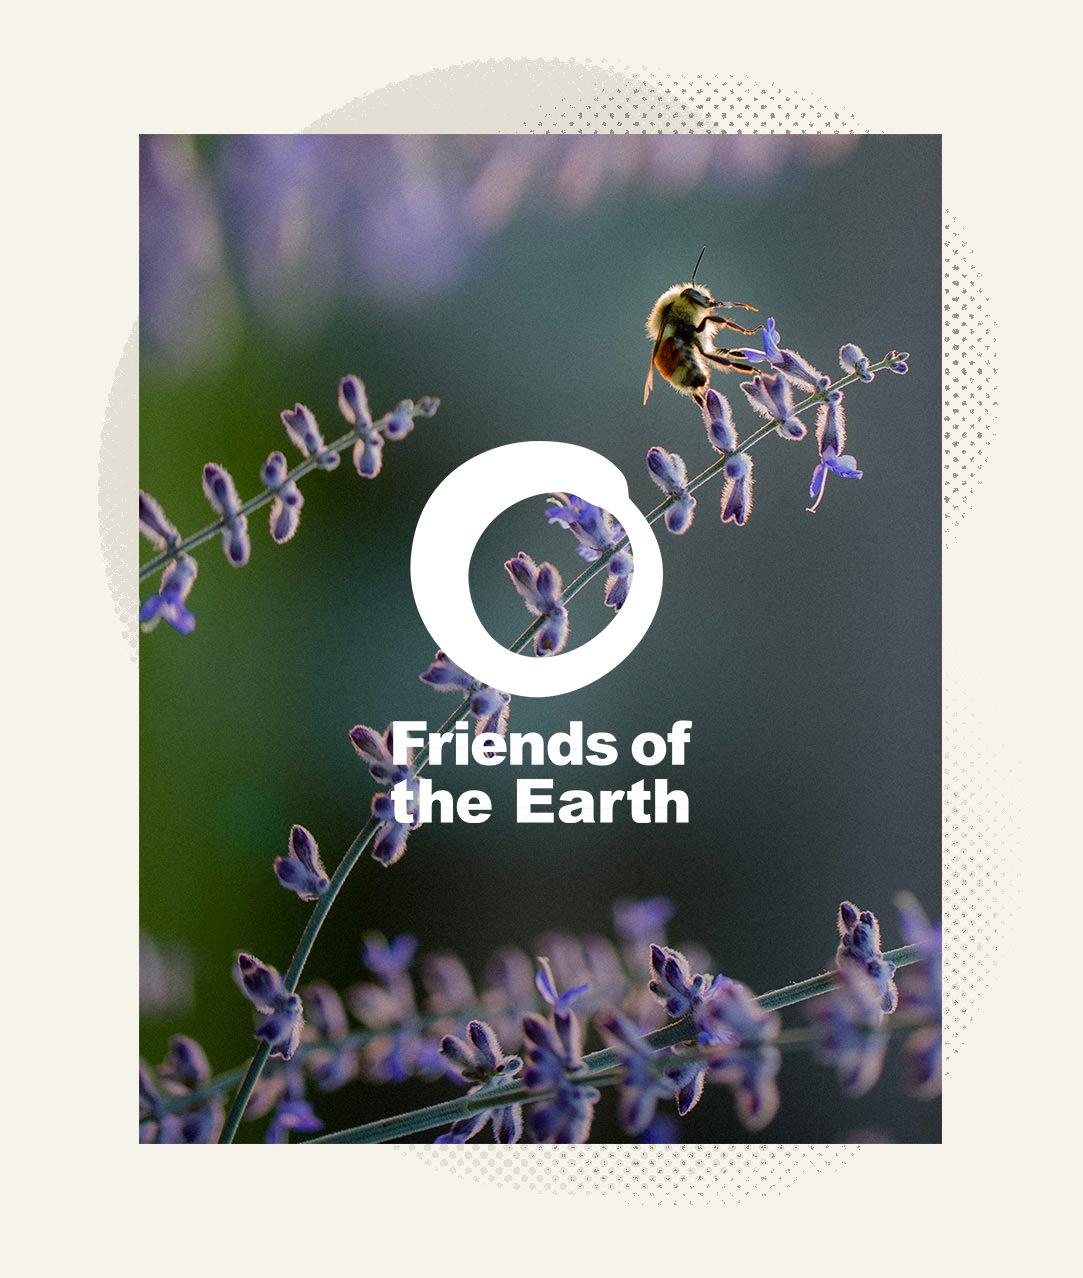 duchess_friends_friends-of-earth_03.jpg